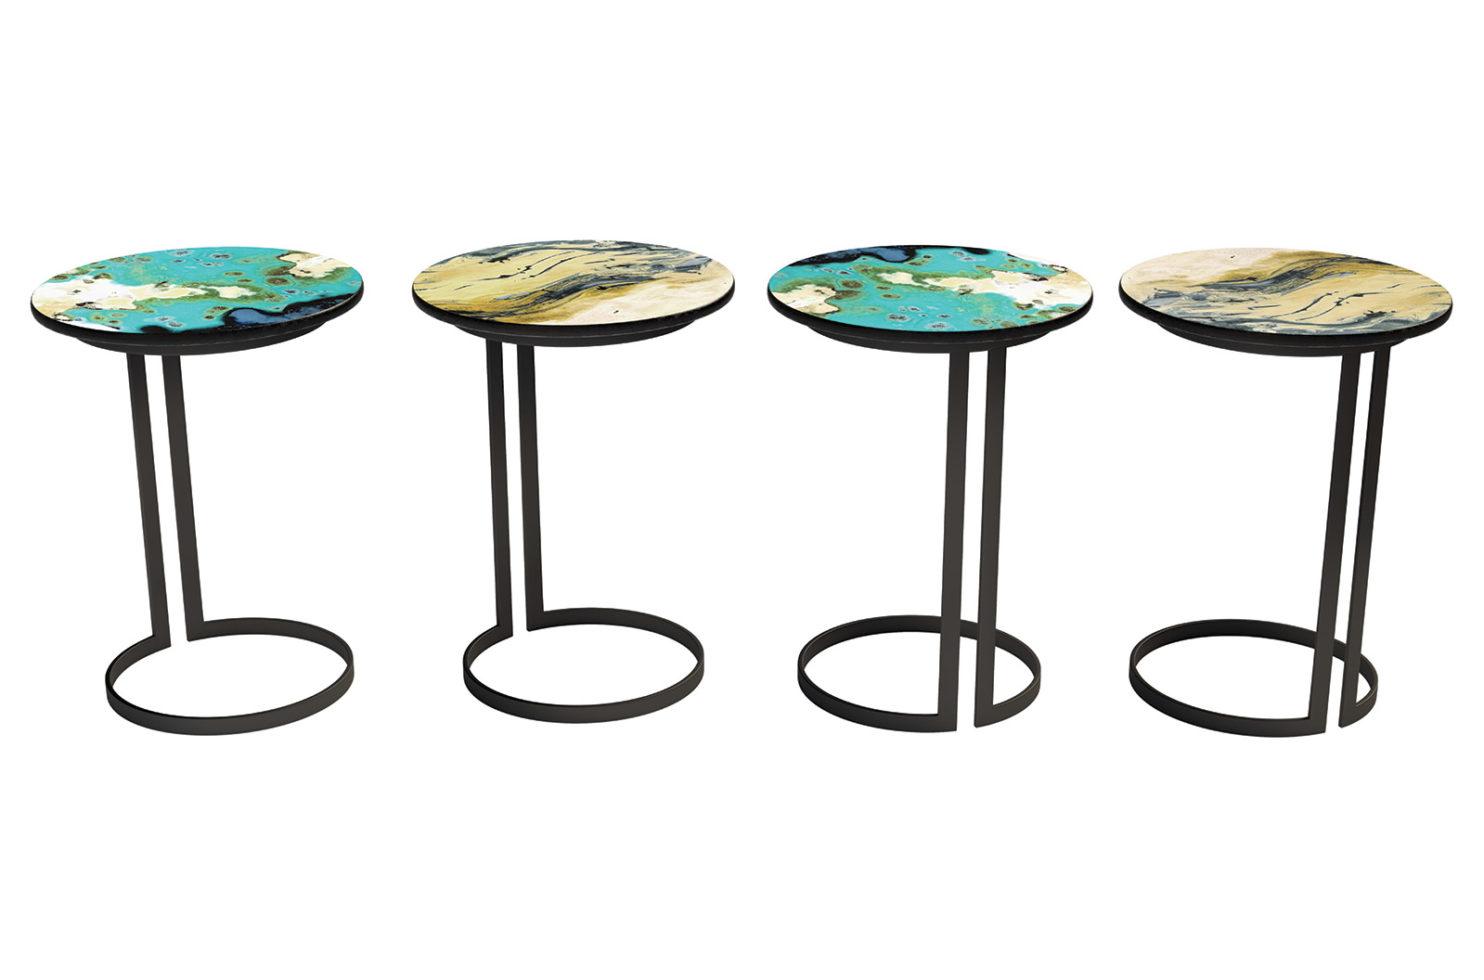 etna c table all 390FT002P2OC 390FT002P2SG